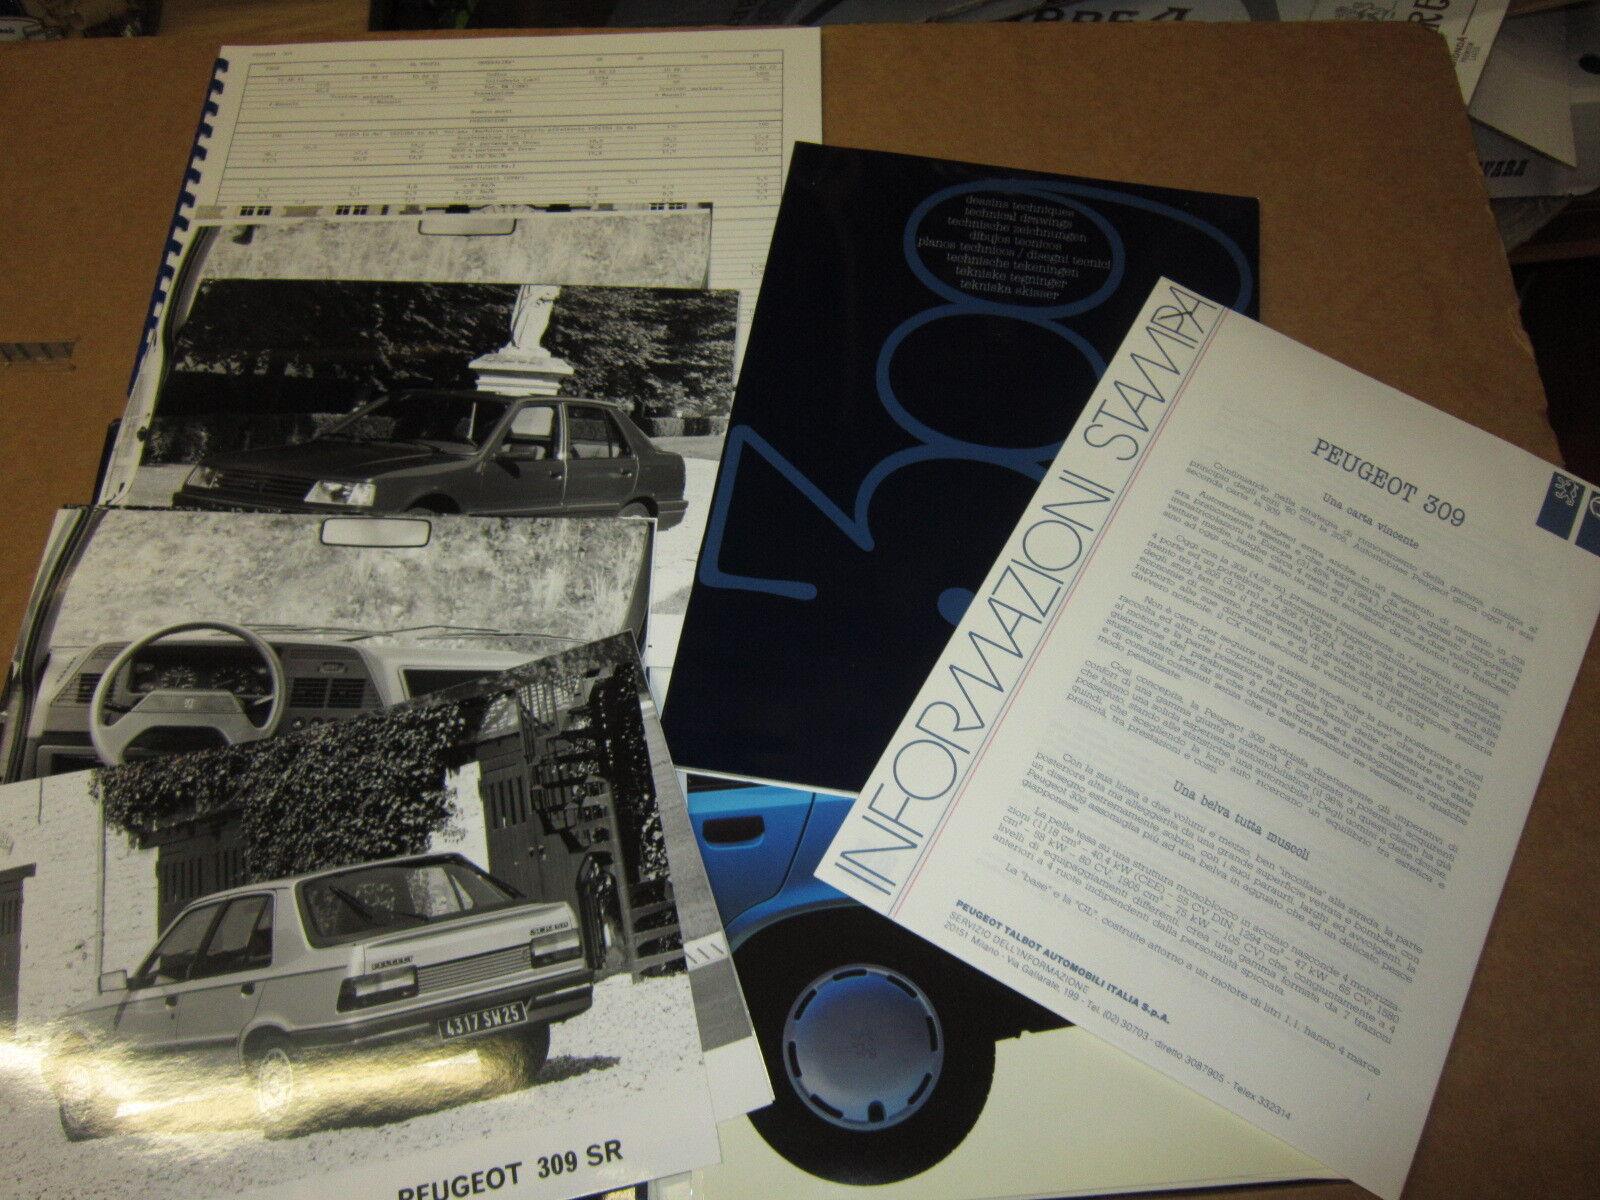 INFORMAZIONI INFORMAZIONI INFORMAZIONI STAMPA PEUGEOT 309 SR ANNO 1979 CON FOTO  marcas de diseñadores baratos